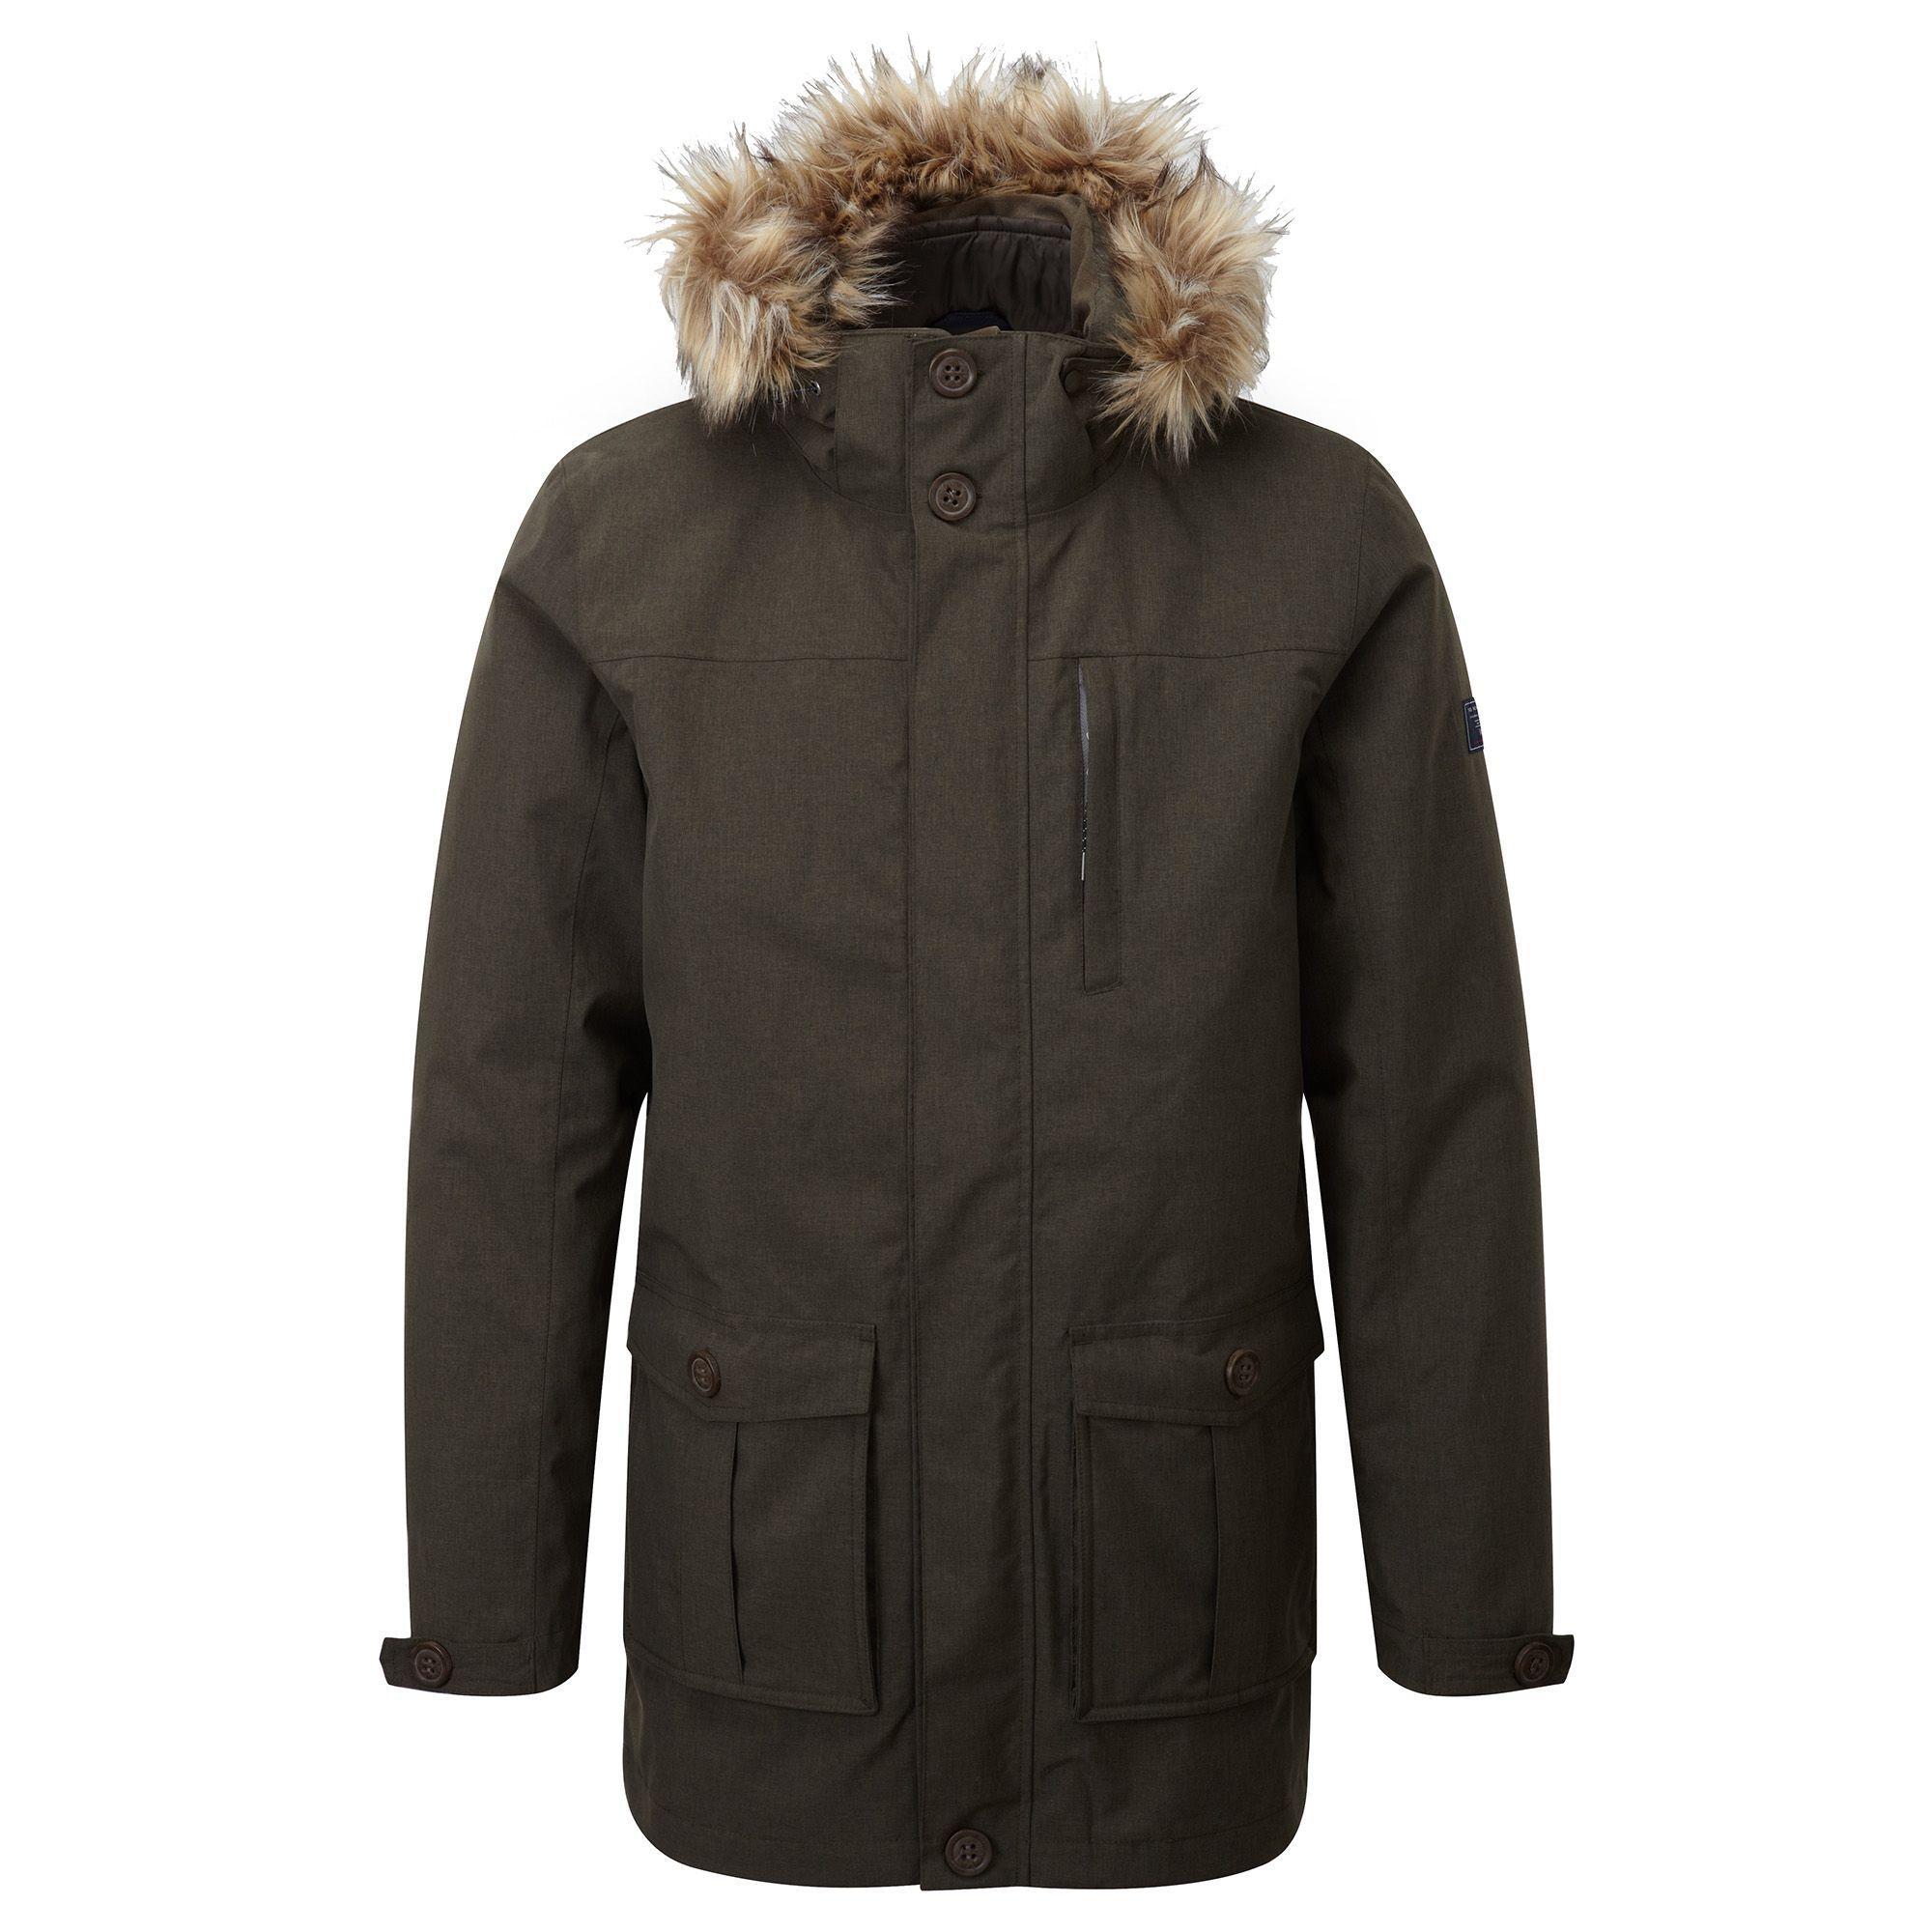 9ffb93becc6 Tog 24 Dark Olive Marl Kingston Milatex 3in1 Jacket in Green for Men ...